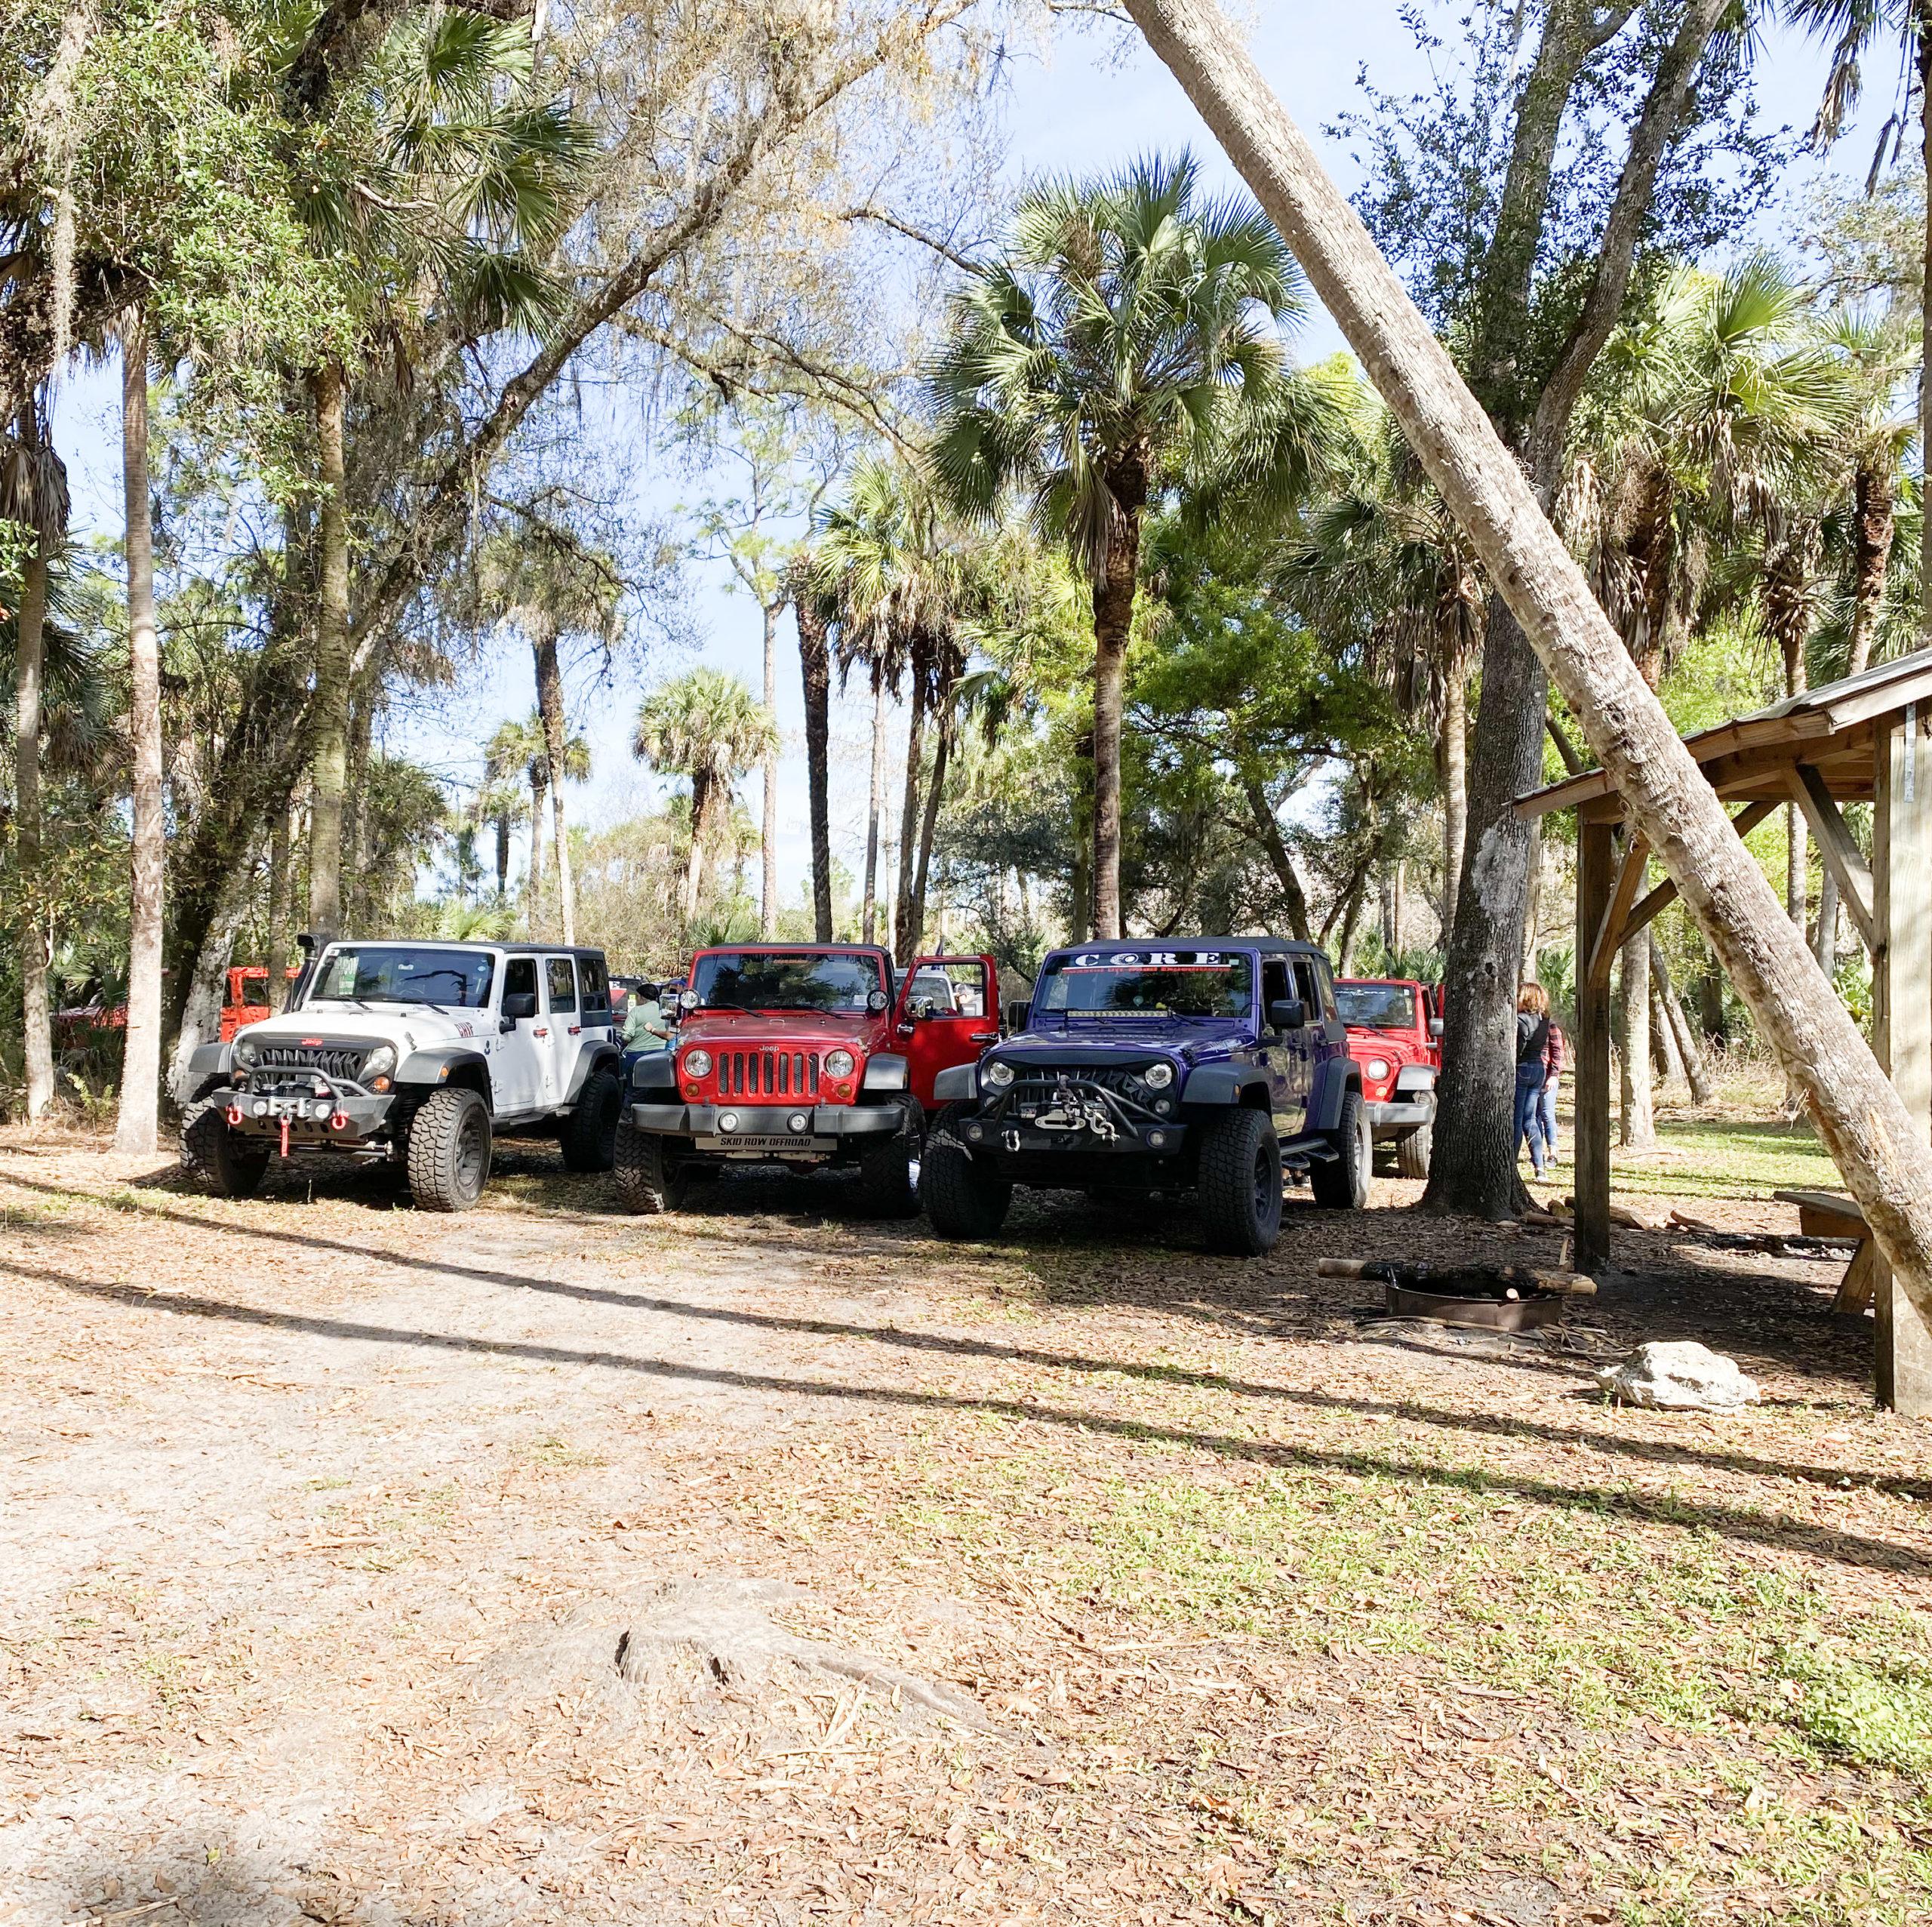 Picayune - CORE CORE Campground